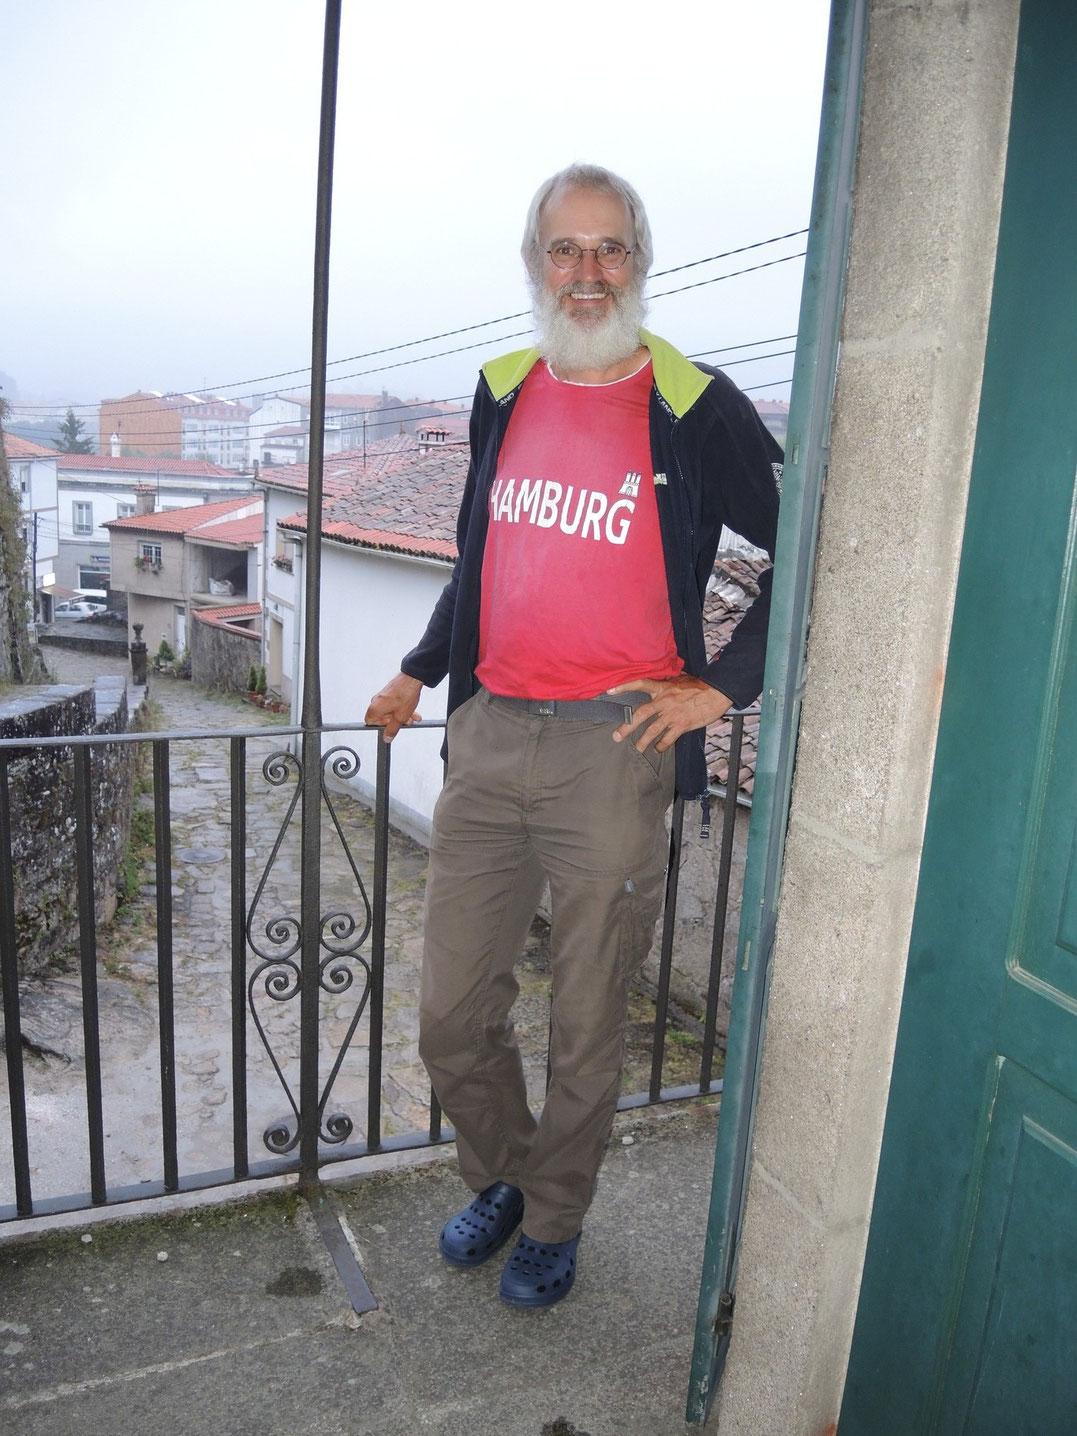 Der Peter ist vor gut 4 Monaten in Hamburg gestartet. Über Deutschland, Frankreich, Spanien, geht noch von Santiago nach Porto. Hat schon über 3300 km auf dem Zähler.